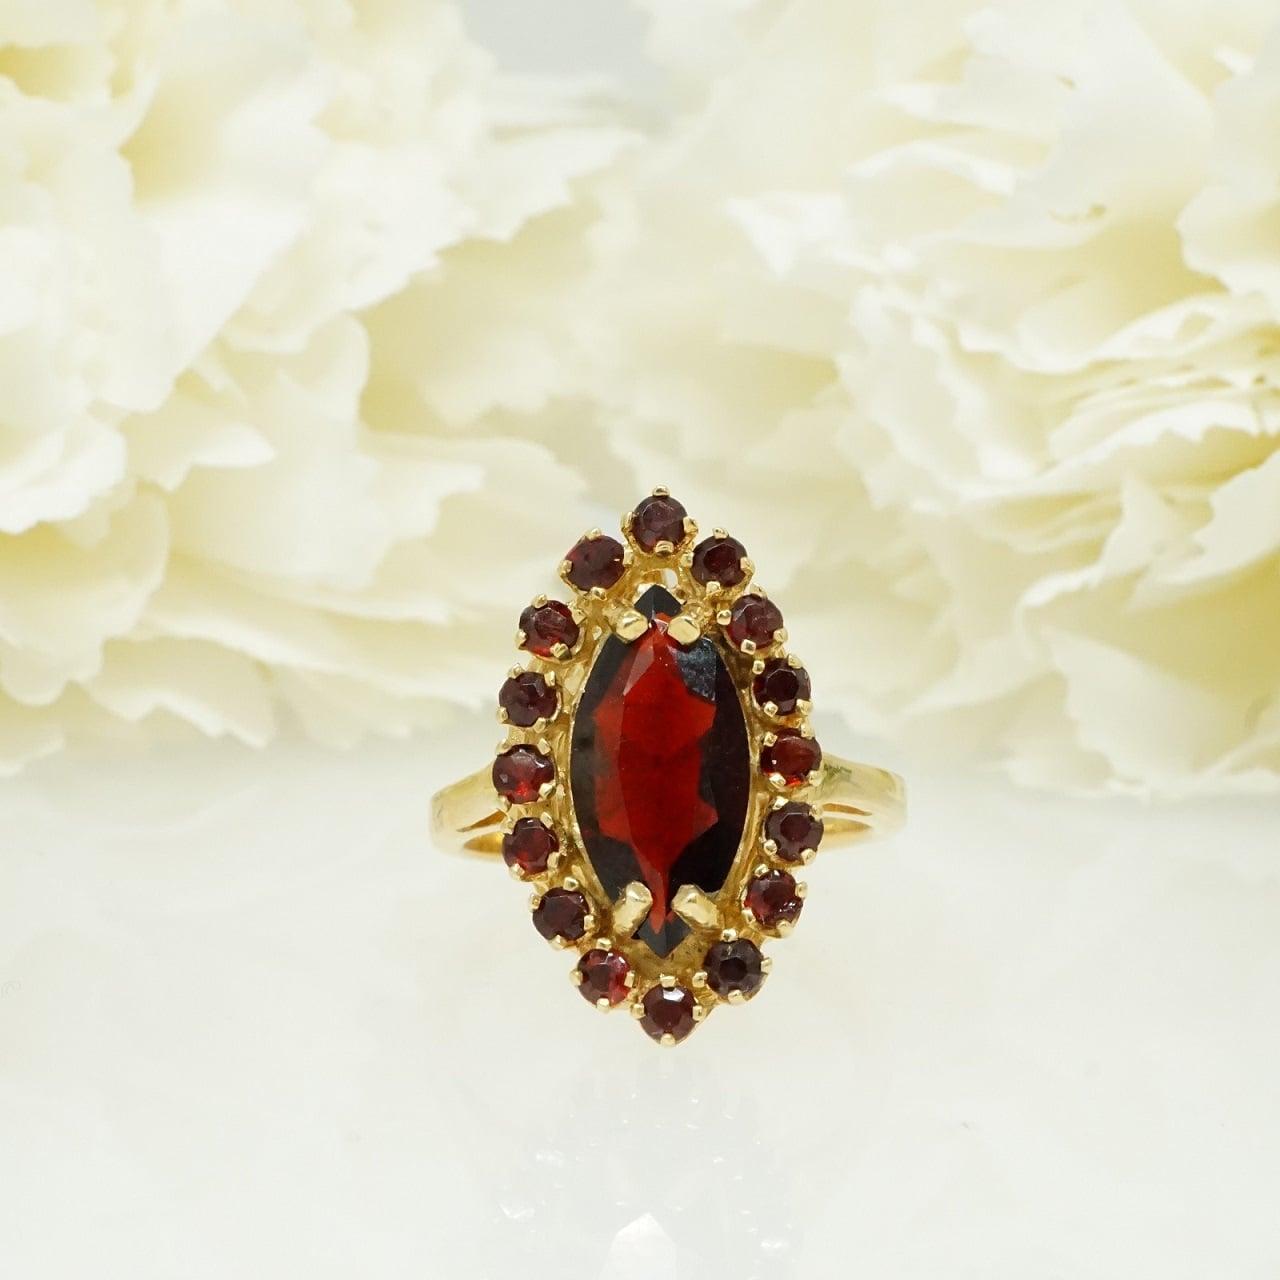 טבעת זהב עם אבן גרנט מרקיזה בעיצוב וינטאג'